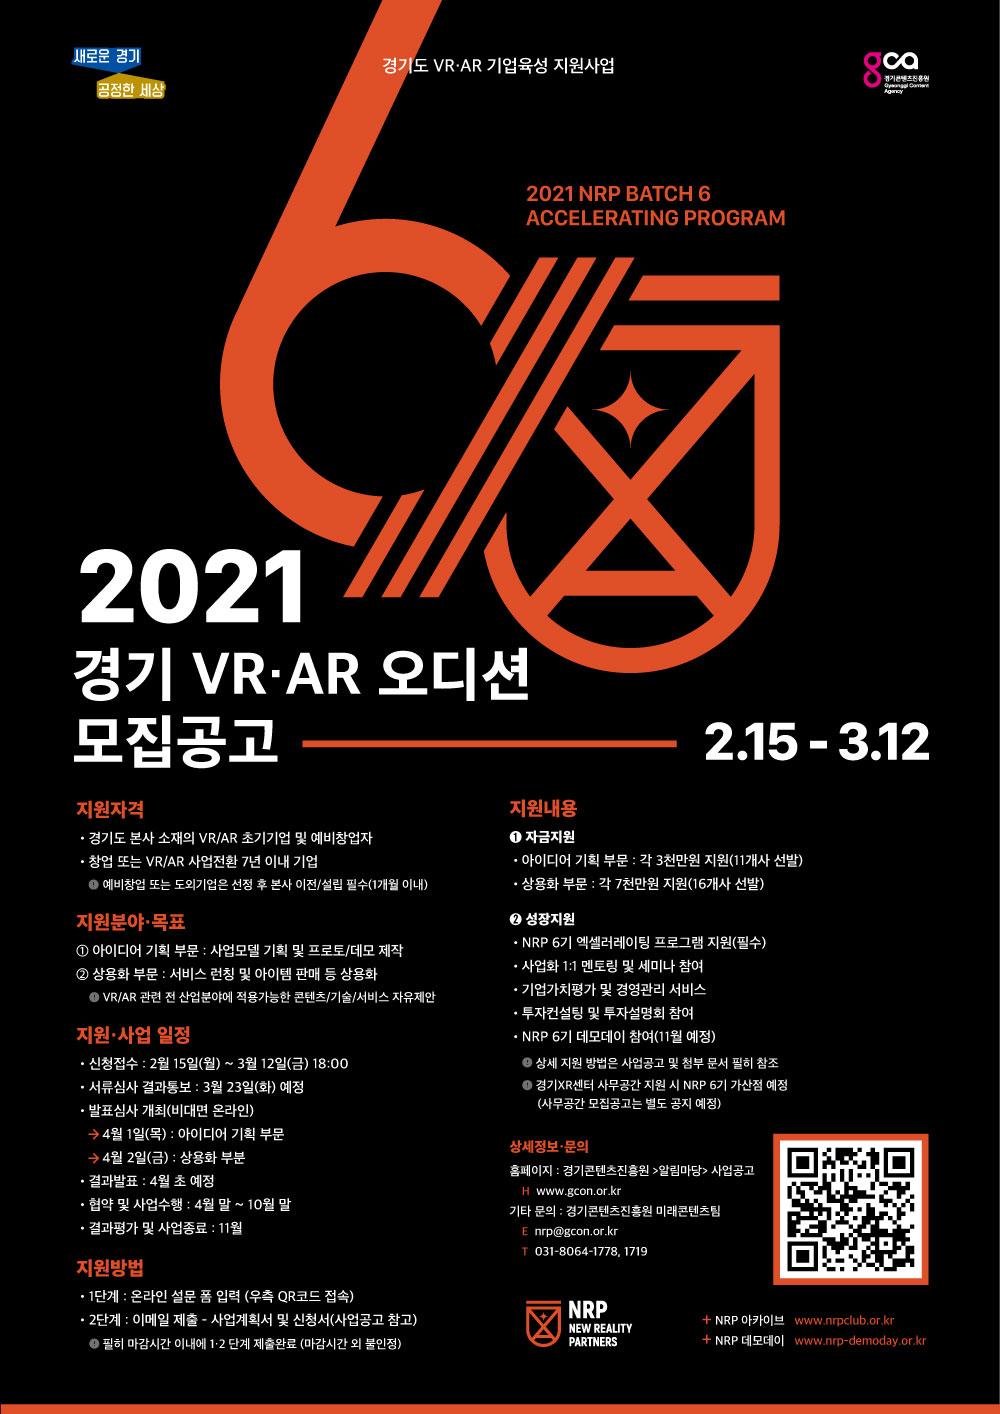 경기도, '2021 가상/증강현실 기업 육성' 참가기업 모집